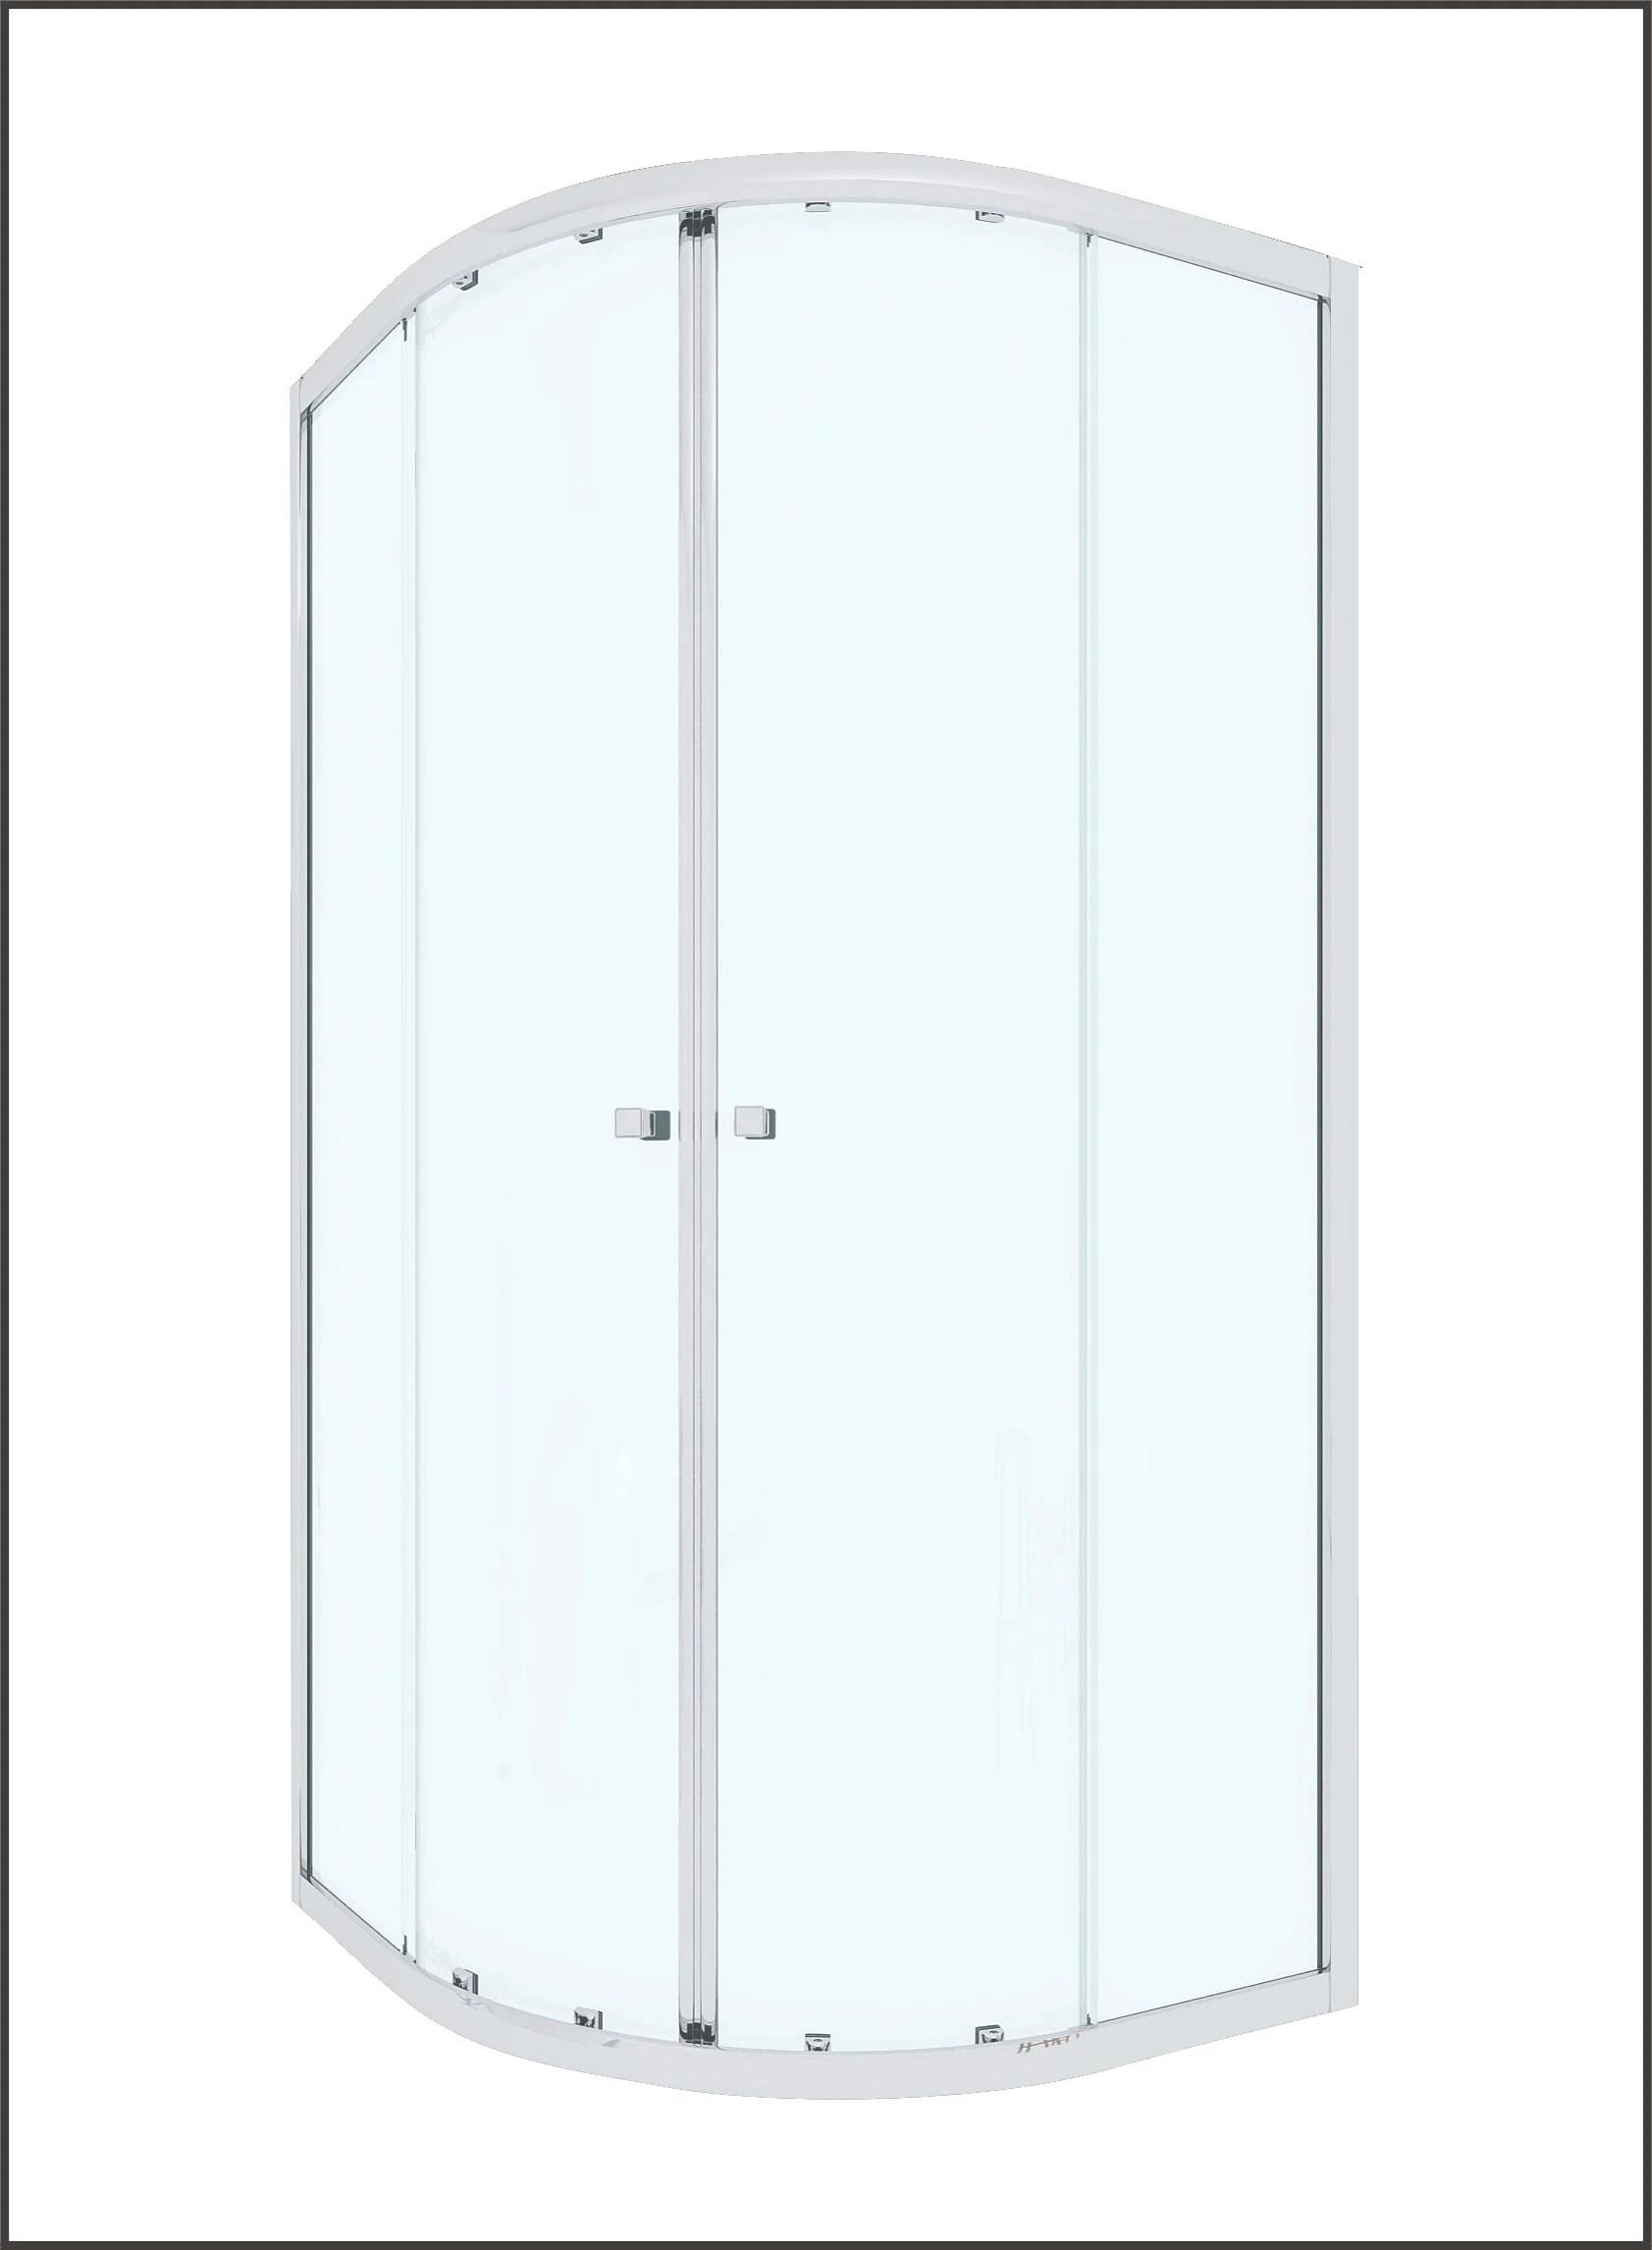 porte de douche coulissante angle 1 4 de cercle 80 x 80 cm transparent dado